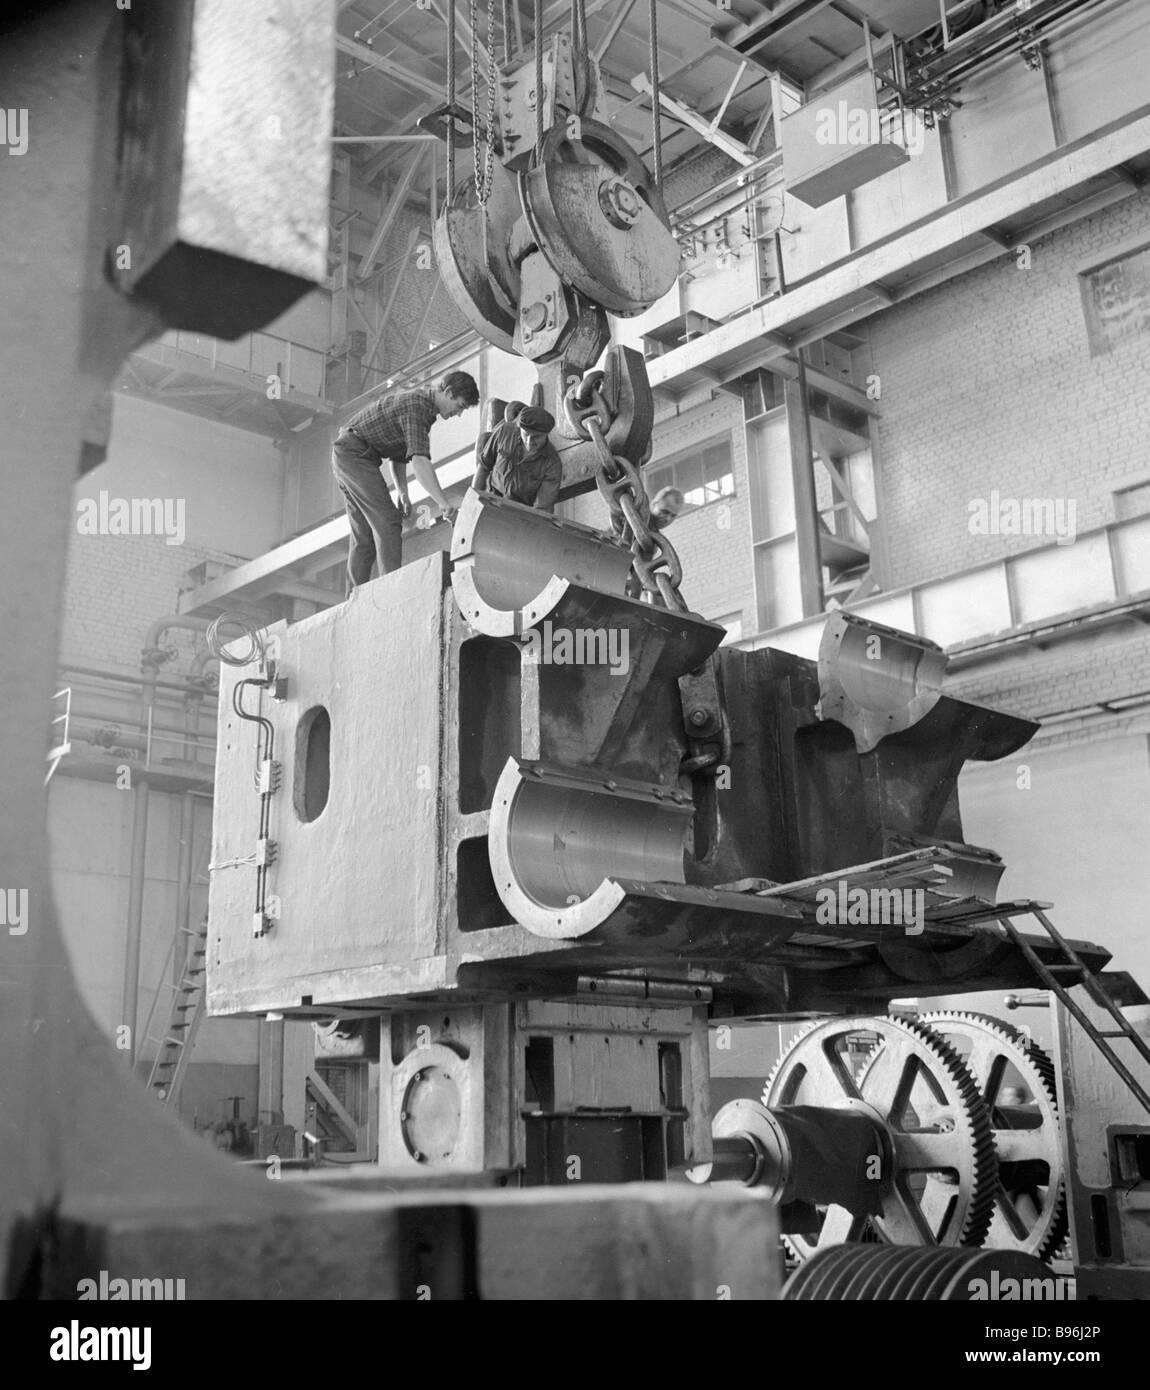 Arbeiter montieren einzigartig leistungsfähige mechanische Presse in Voronezh schwere mechanische Pressen Werk Stockbild